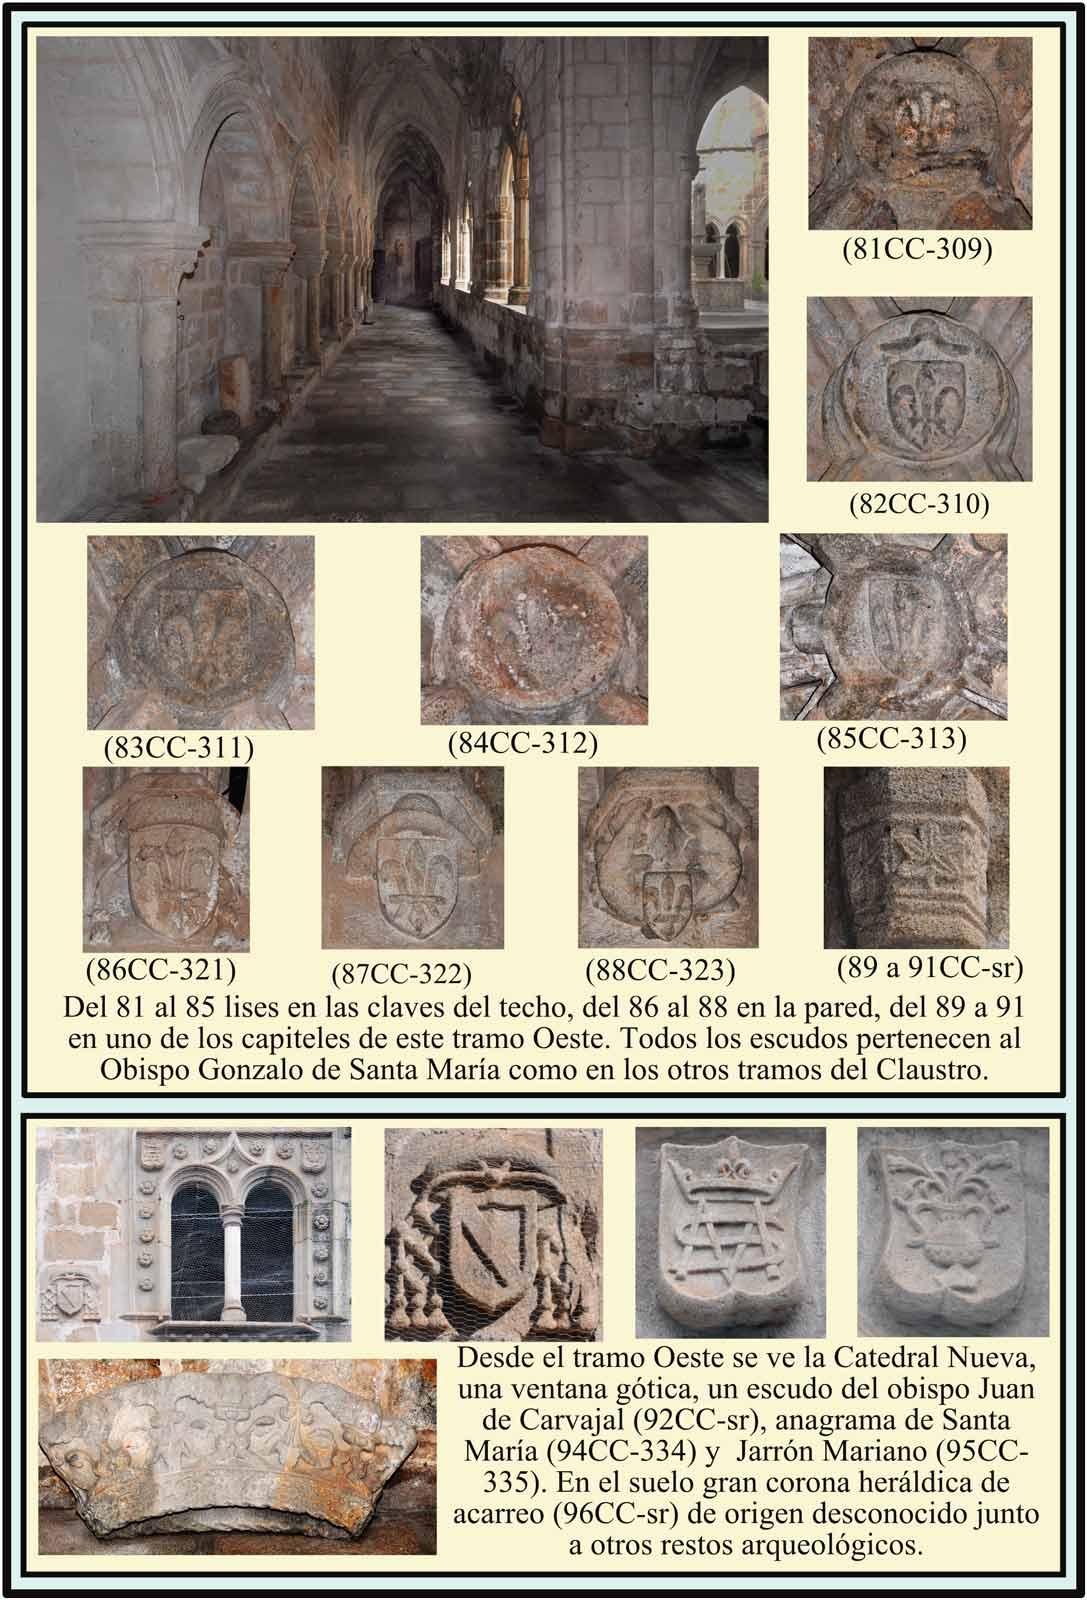 Escudo flor de Lis Carvajal y anagrama de María Clasutro Catedral Plasencia